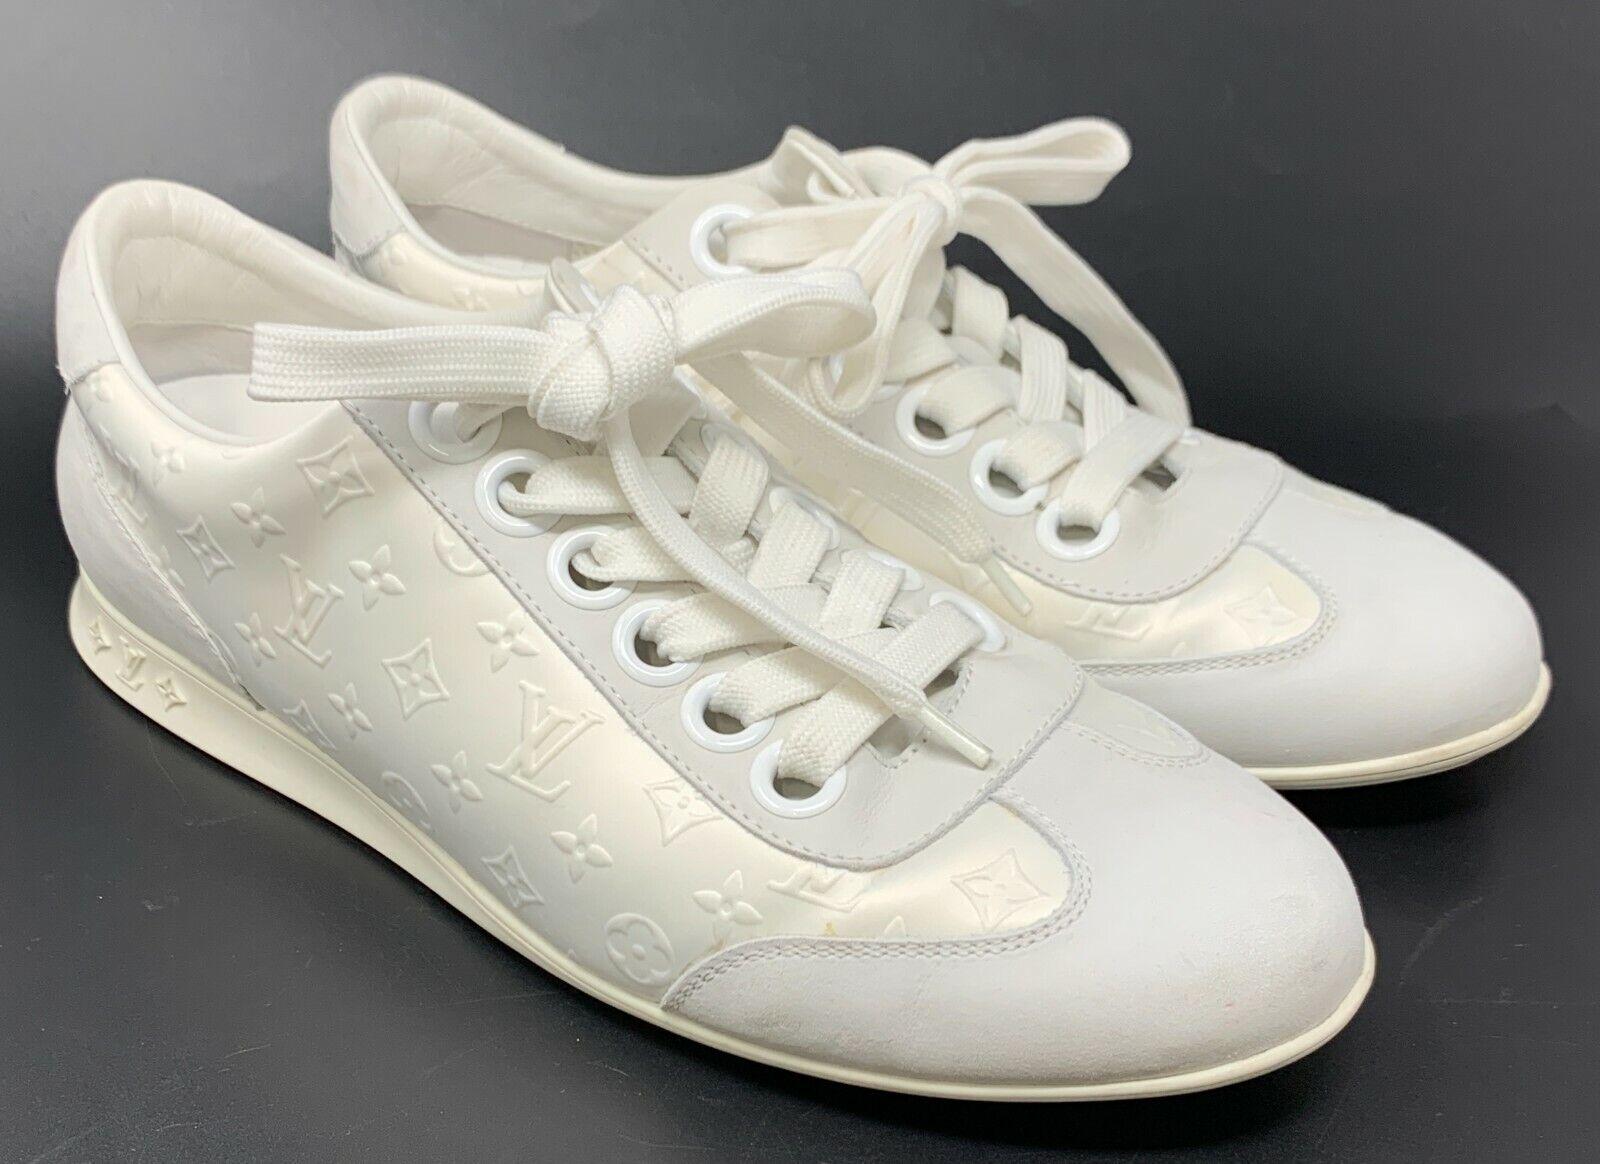 Authentique louis vuitton monogramme baskets chaussures athlétisme #38.5 us 8